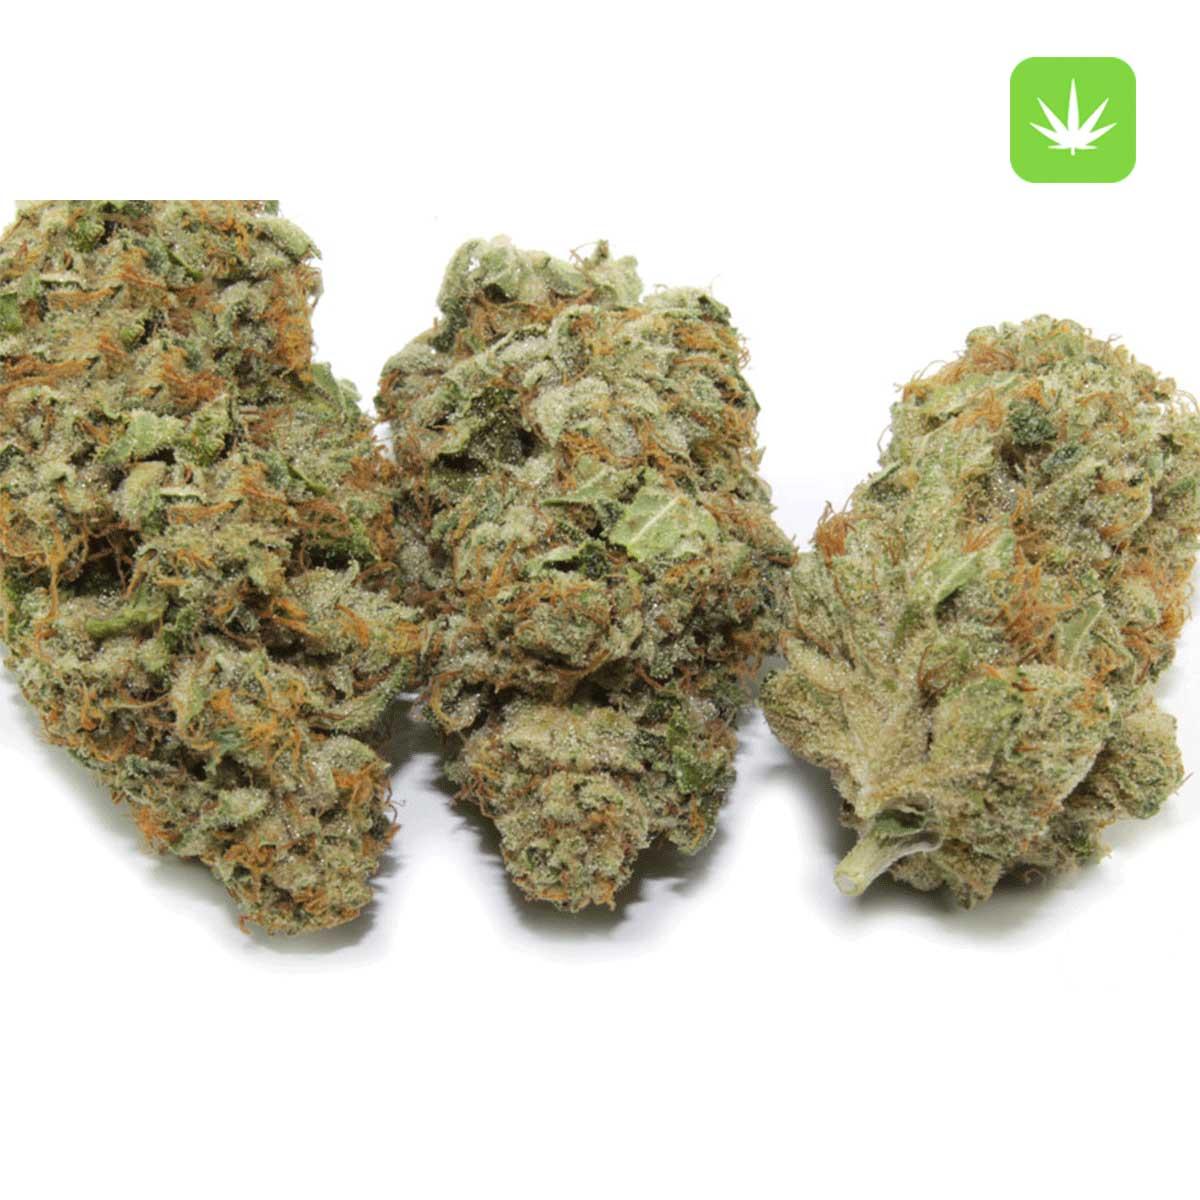 White Widow Cannabis Avenue 1